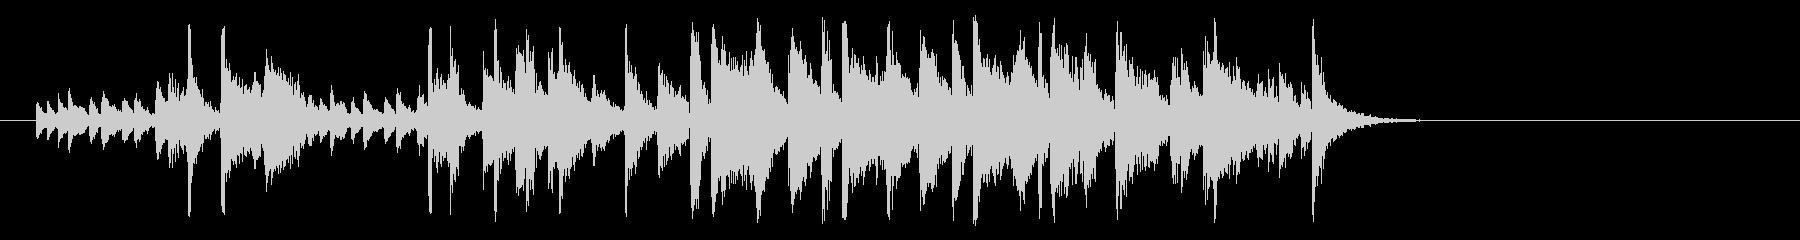 ほのぼのしたポップジャズ(イントロ)の未再生の波形